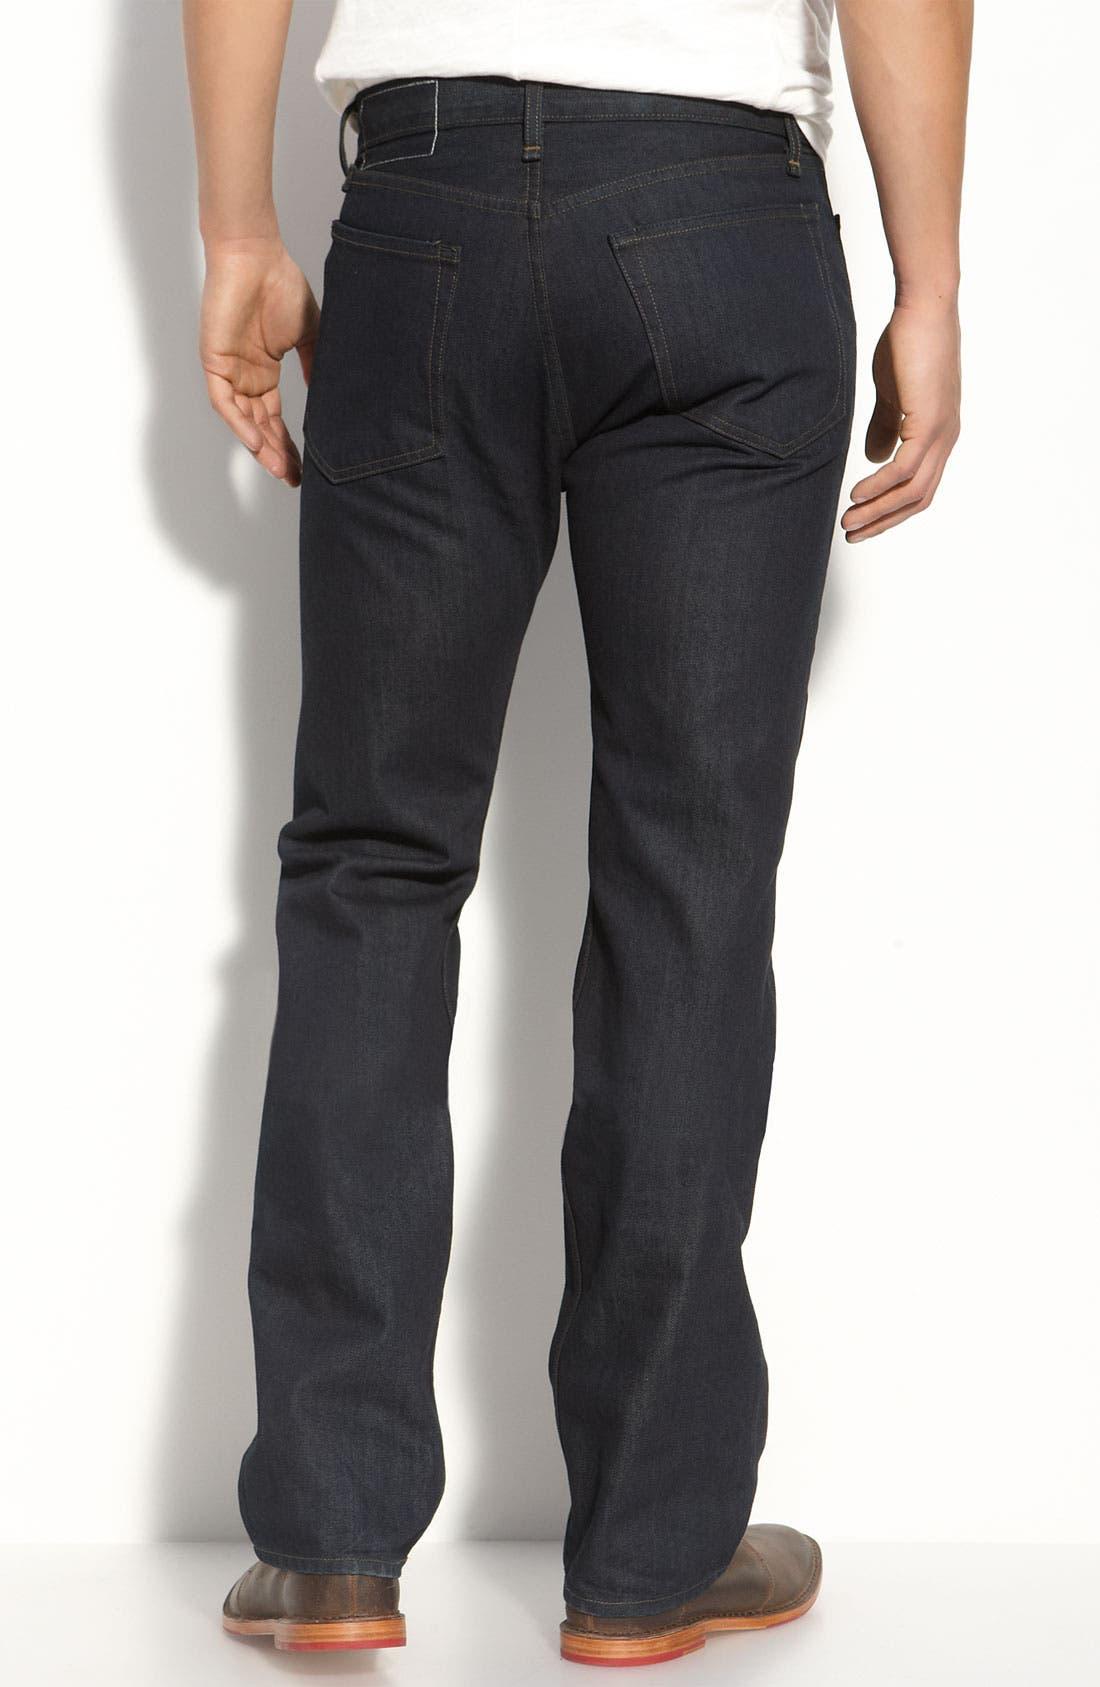 Alternate Image 1 Selected - rag & bone Straight Leg Jeans (Blue Resin Wash)